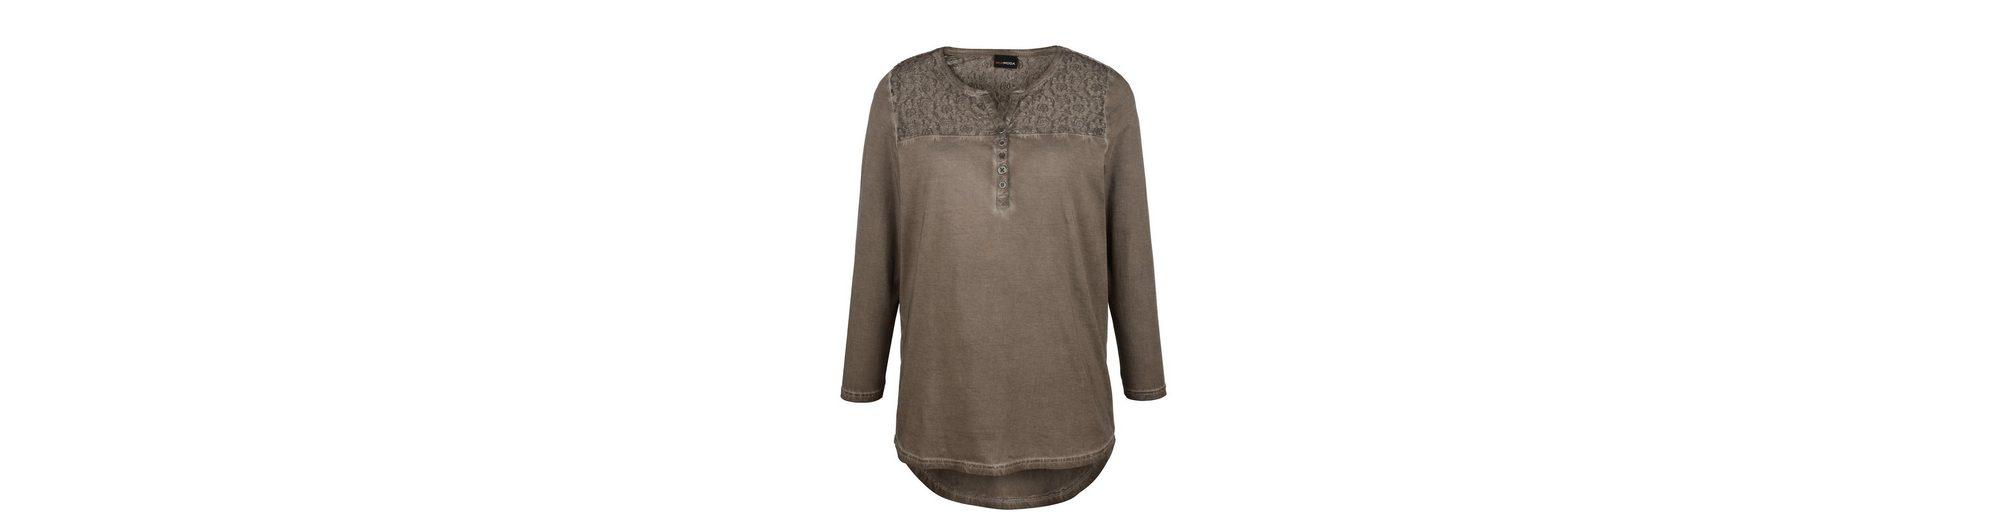 MIAMODA Shirt aus reiner Baumwolle Händler Online Günstig Kaufen Billigste Online Steckdose Reihenfolge Liefern iv2uQnrz